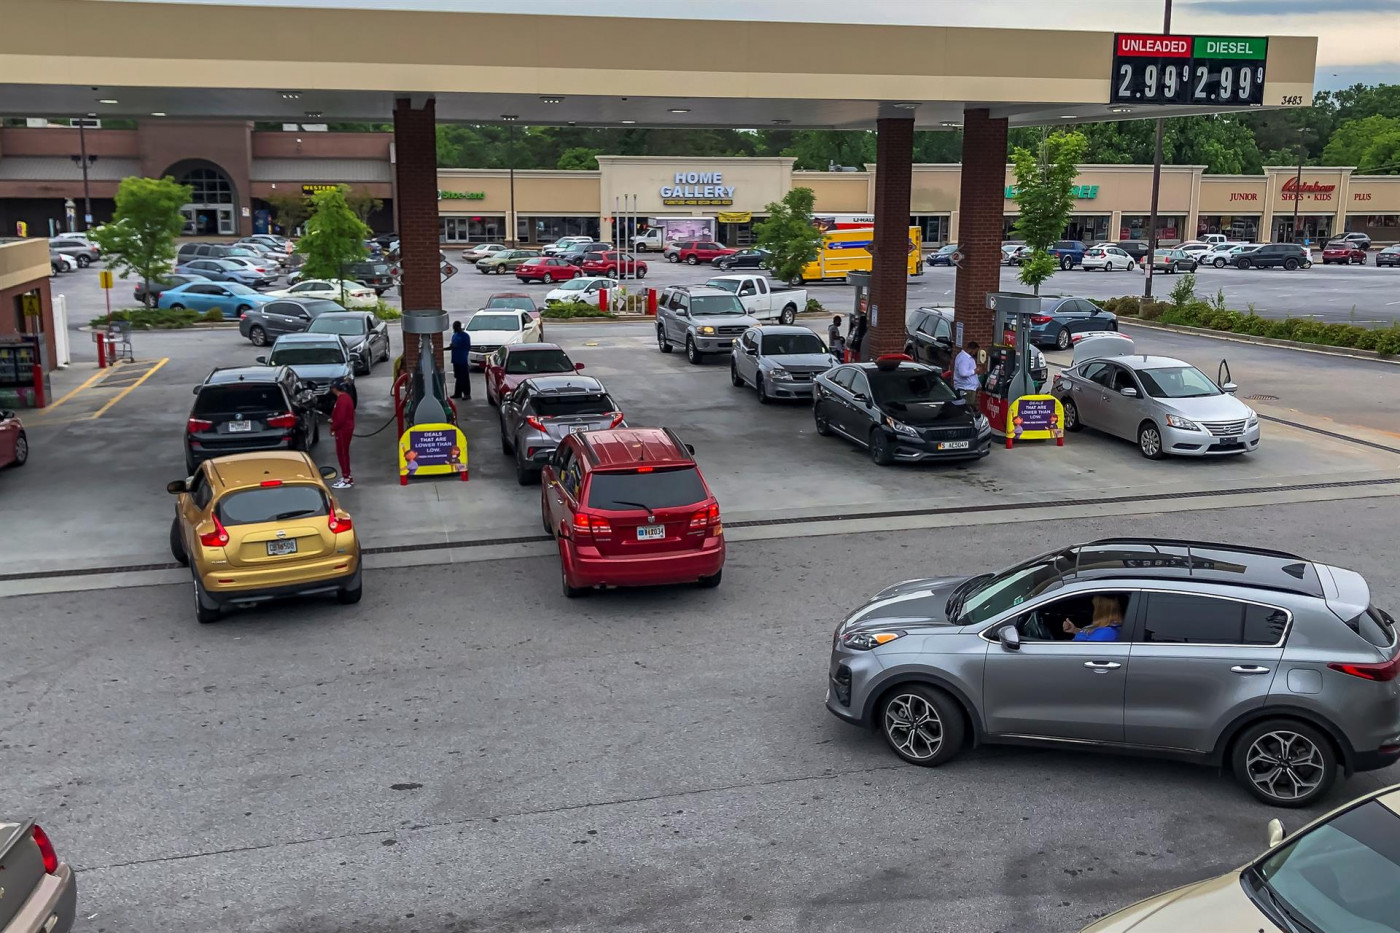 Norte-americanos fazem filas para abastecer seus carros em meio temores de que paralisação da Colonial Pipeline